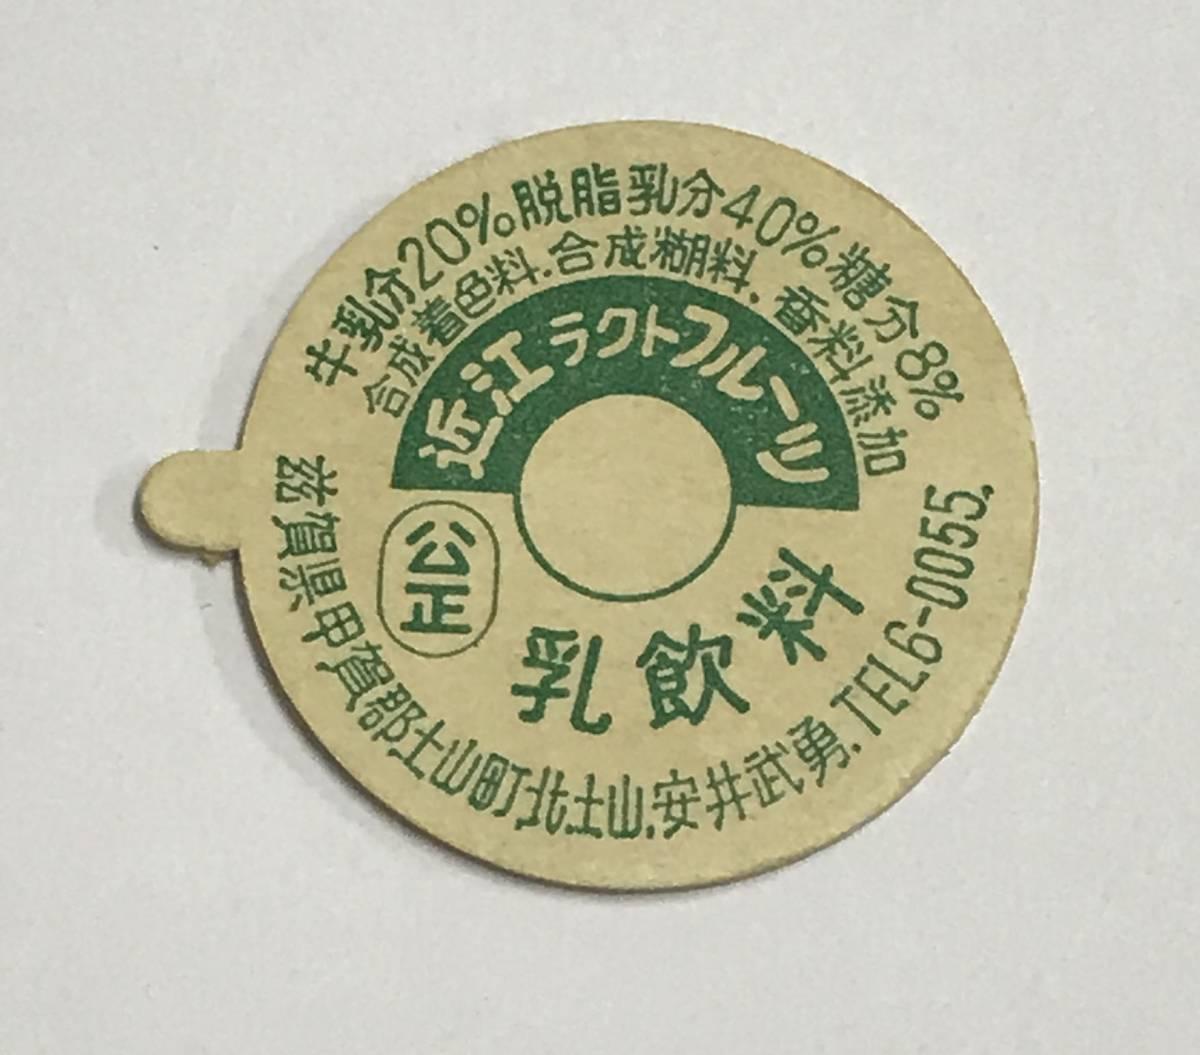 【未使用?】[牛乳キャップ][牛乳瓶のふた]近江ラクトフルーツ